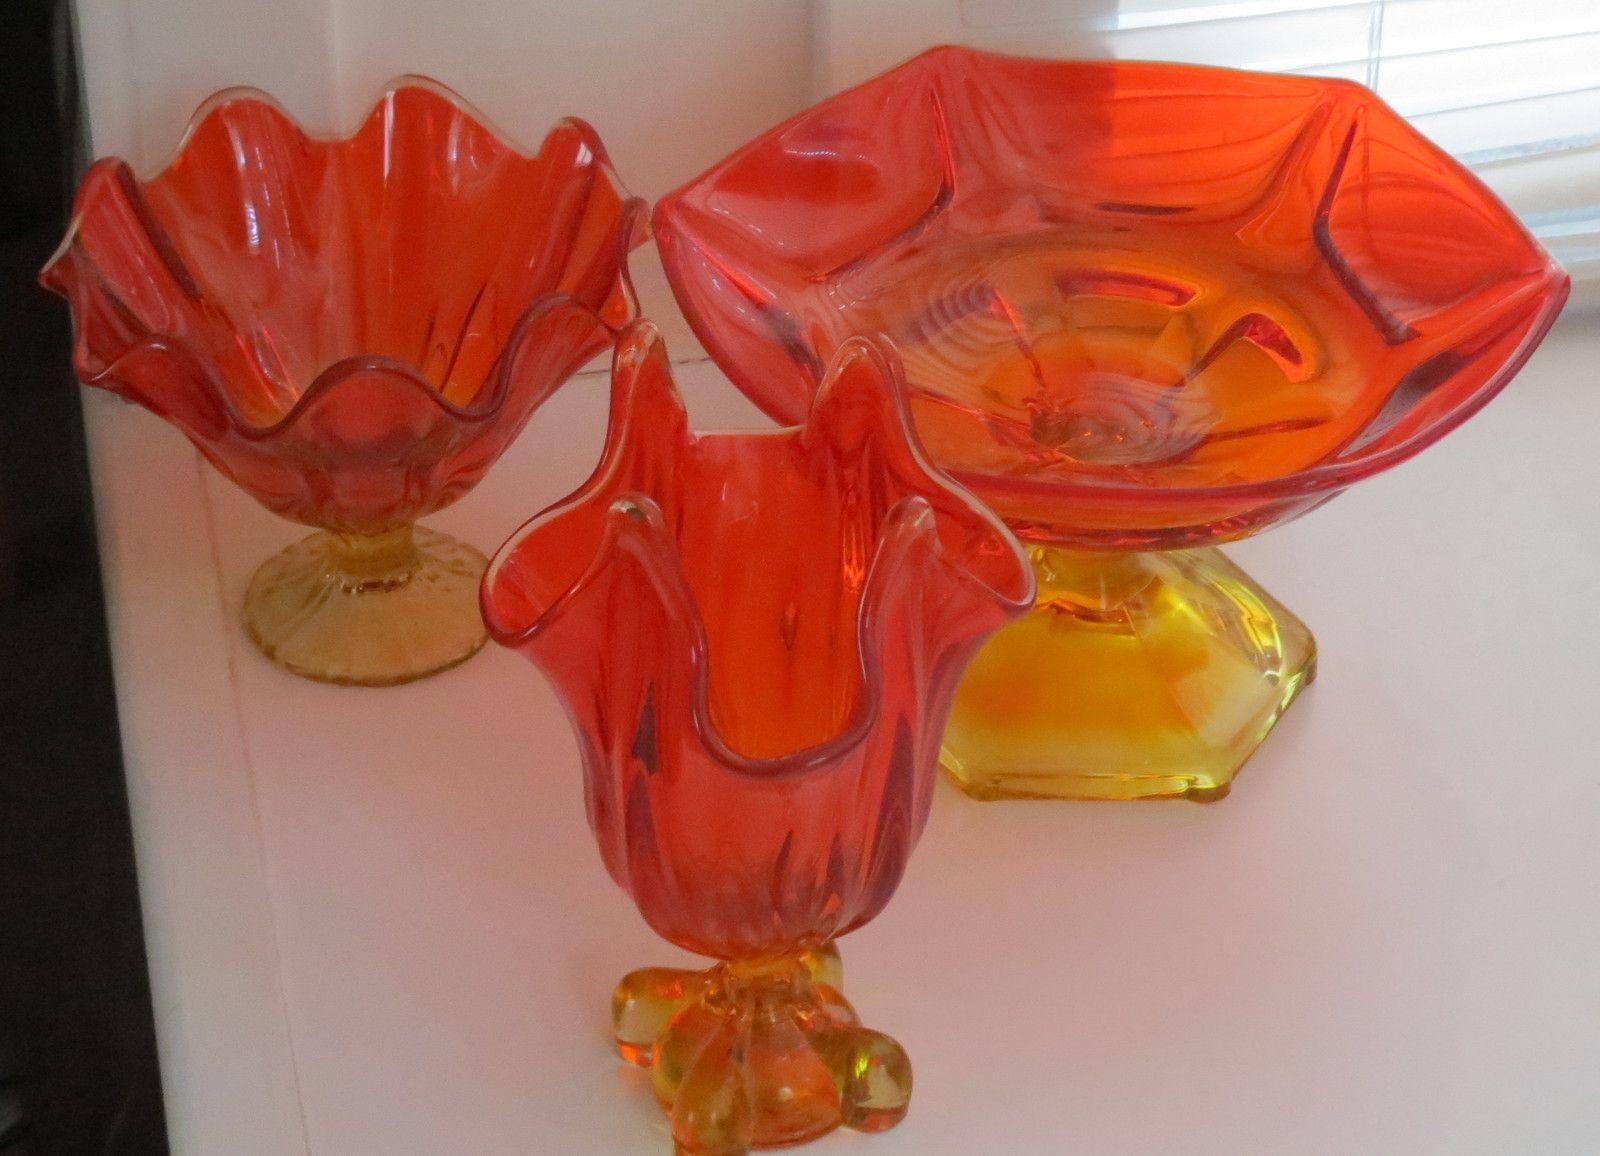 3 vintage mid century viking glass amberina bowls and handkerchief 3 vintage mid century viking glass amberina bowls and handkerchief vase reviewsmspy